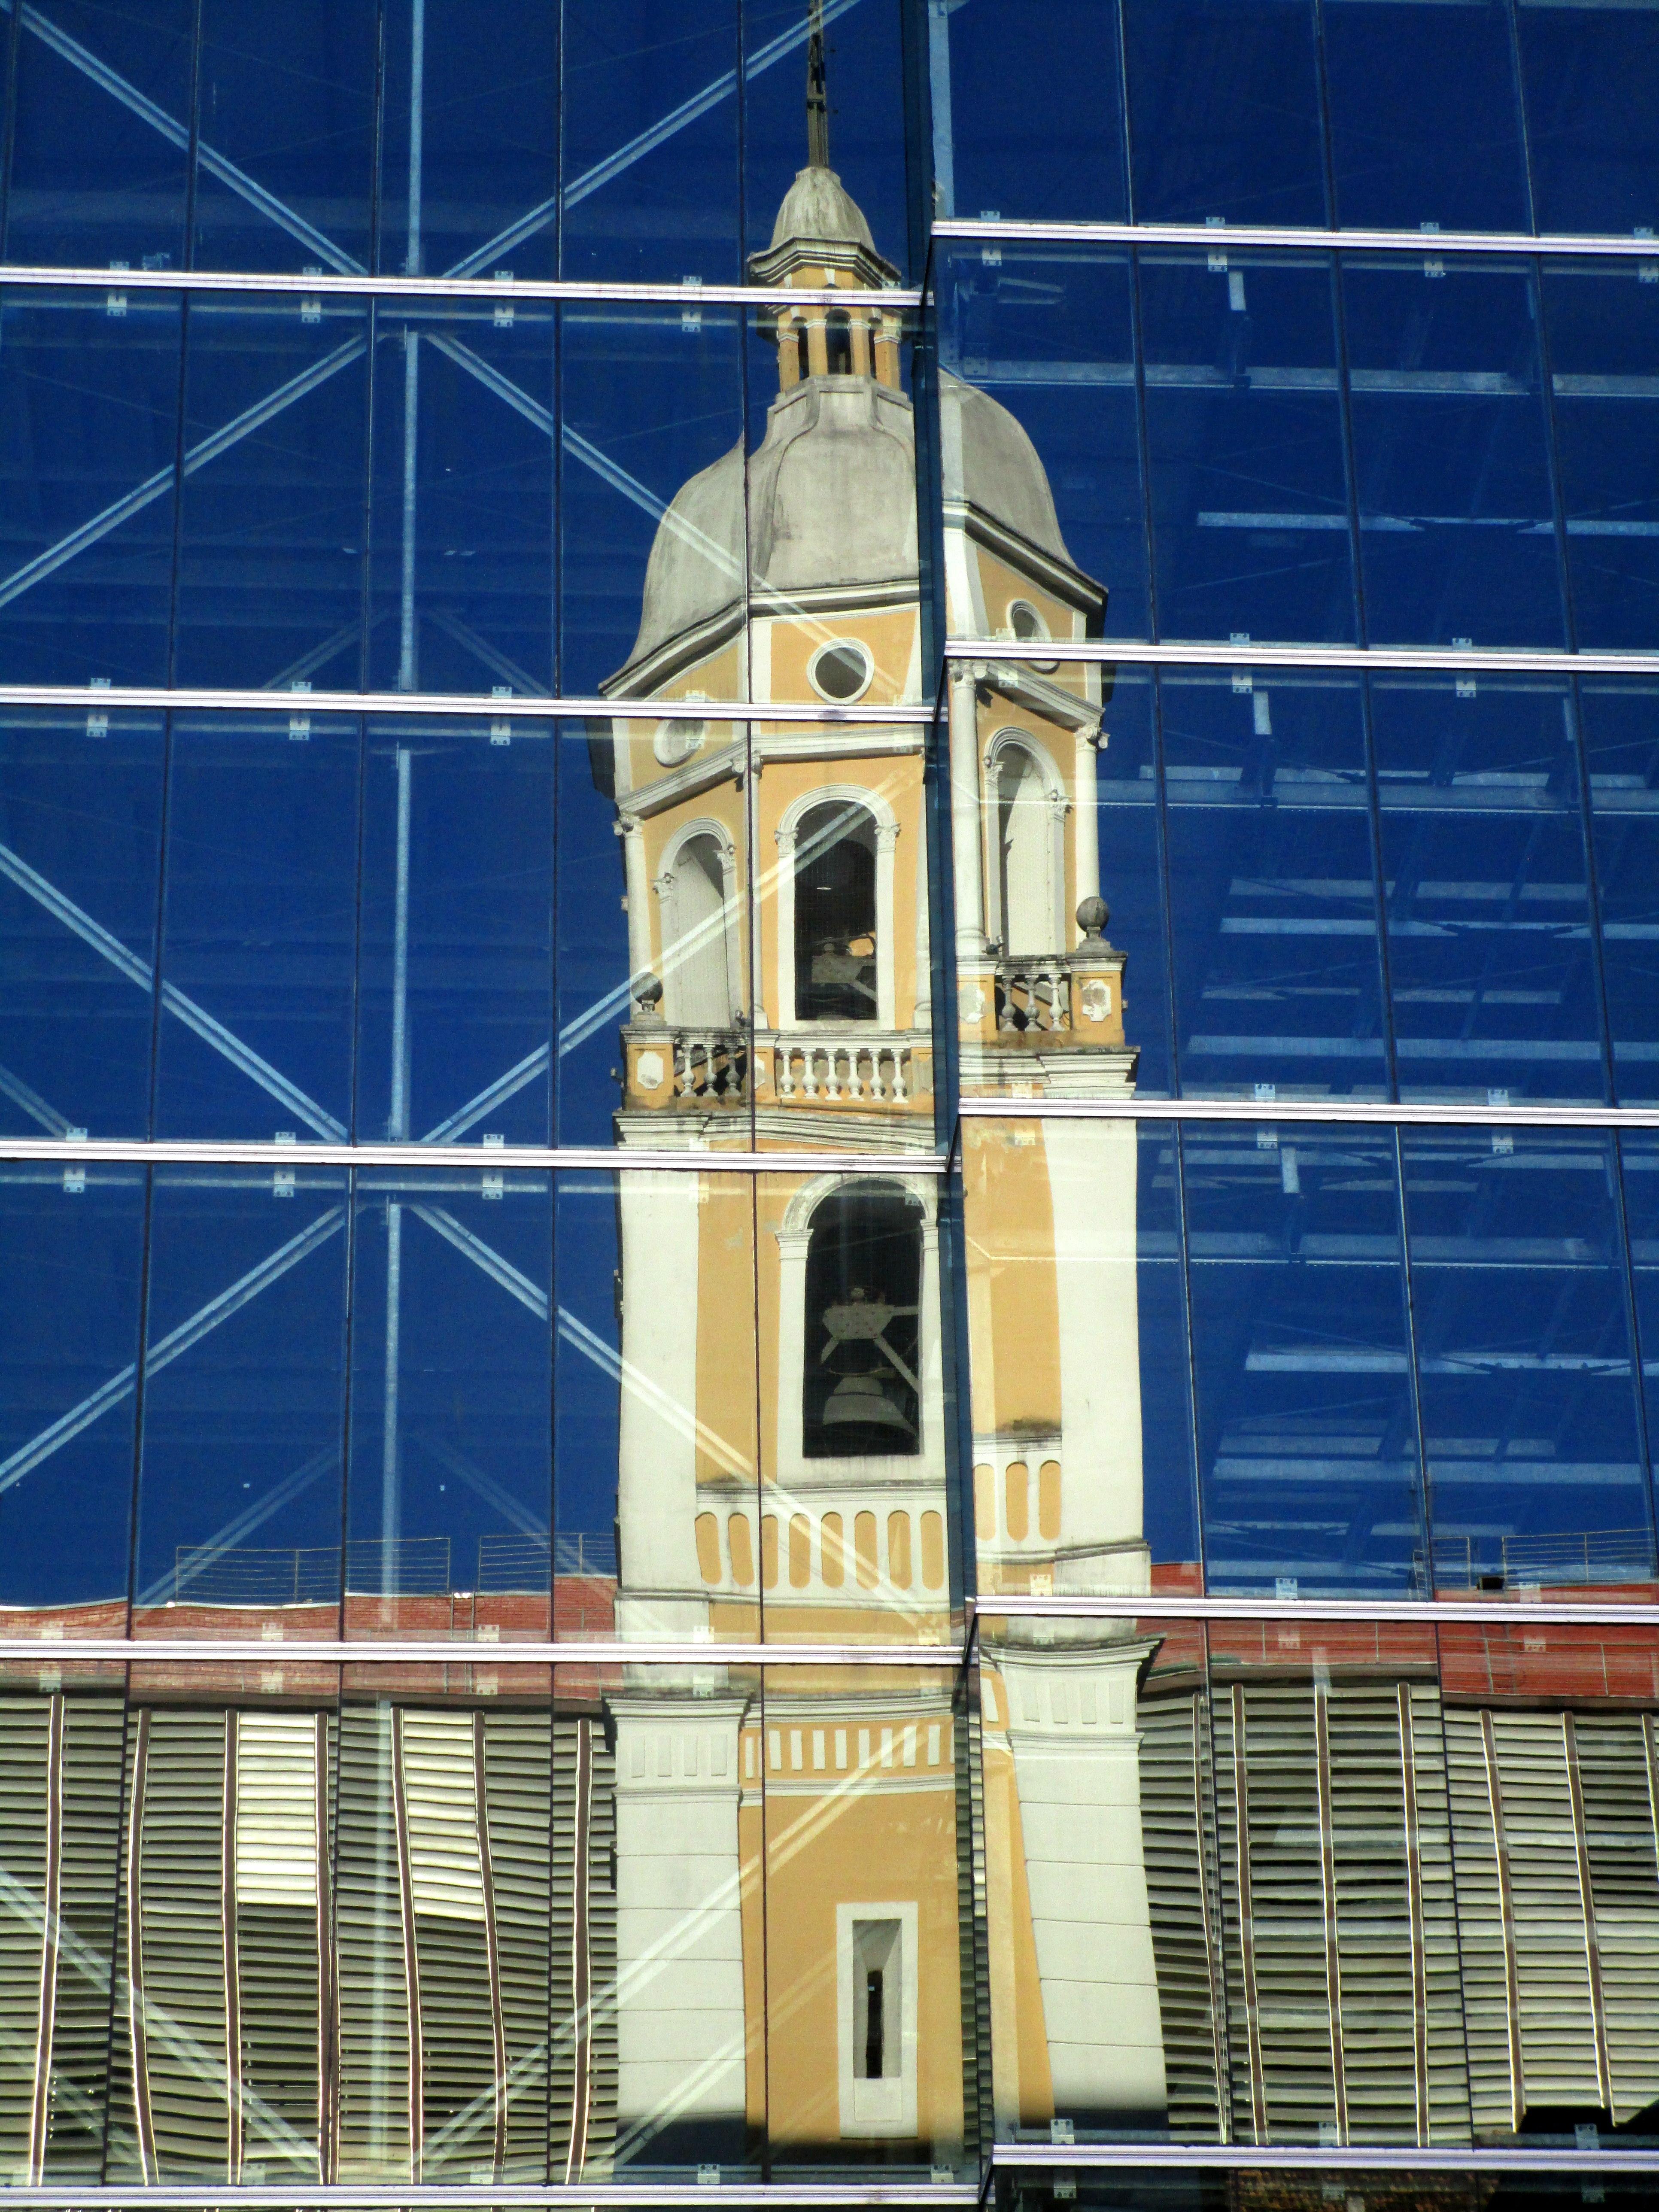 Catedral Metropolitana esconderia um misterioso túnel de ligação até o Maciço do Morro da Cruz - Carlos Damião